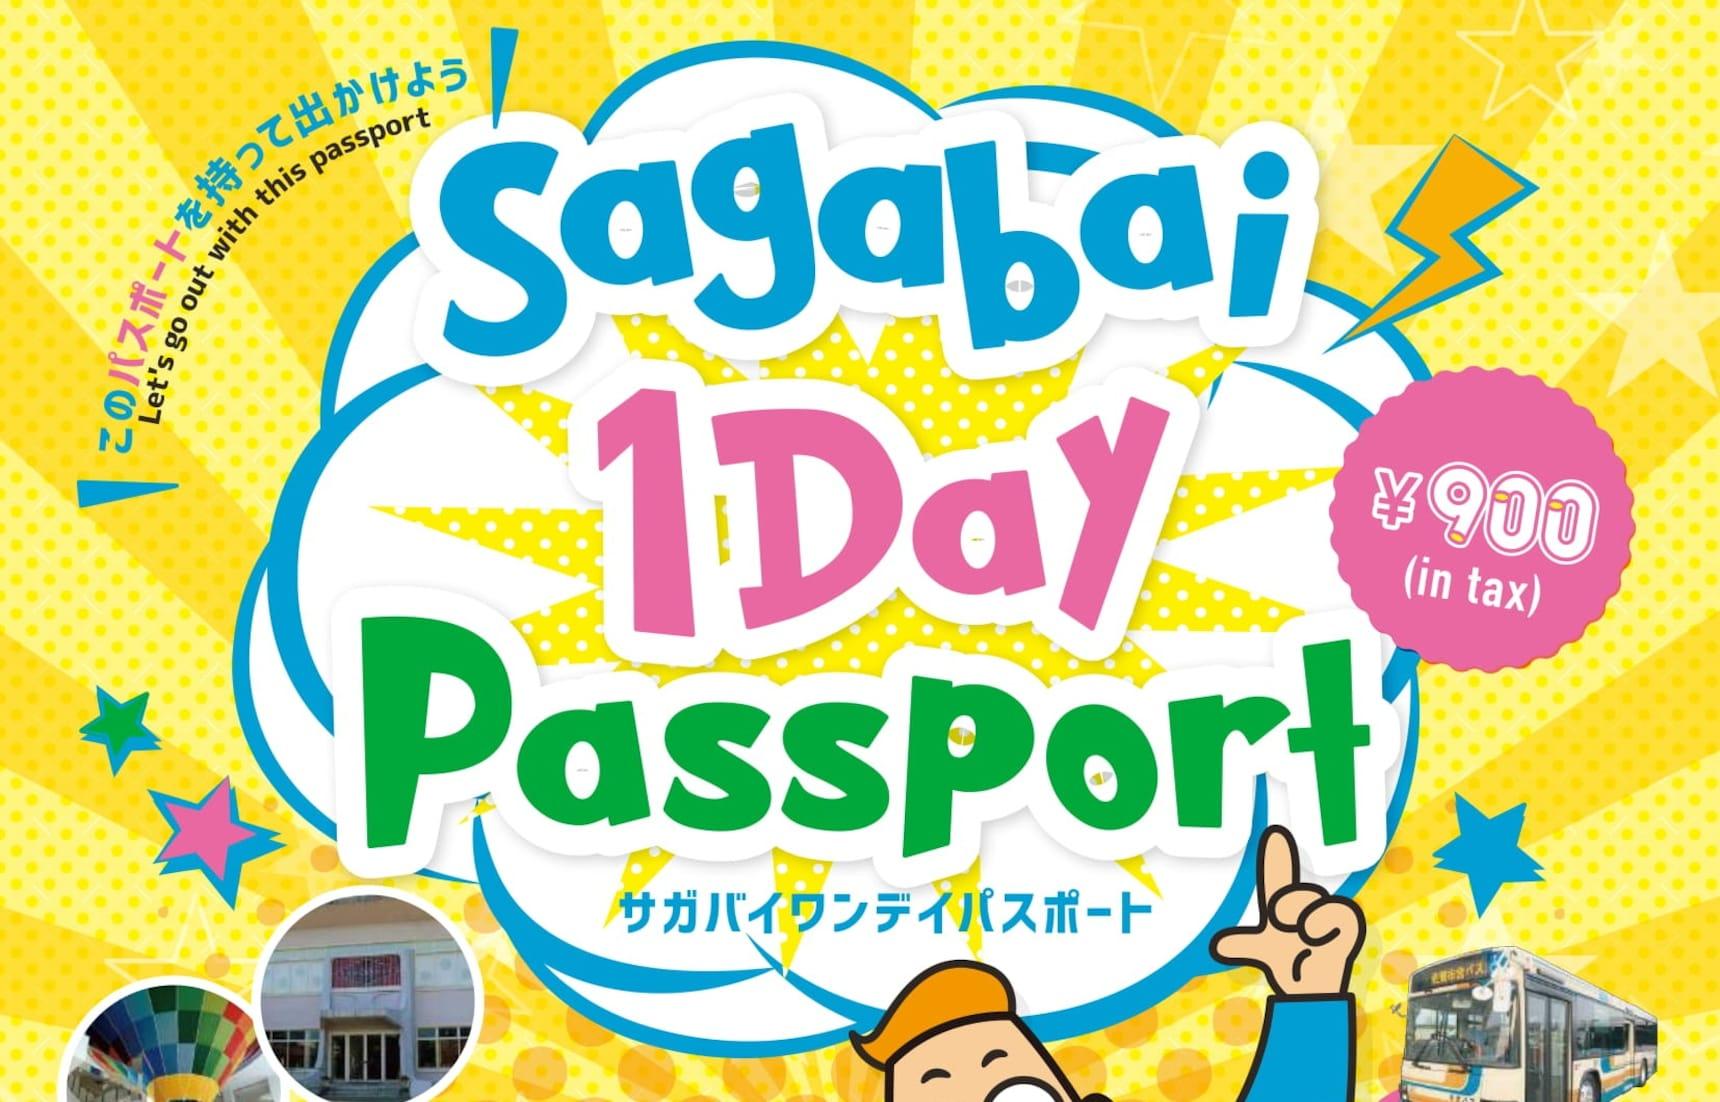 【佐賀自由行】好康享不完!佐賀市區一日巴士券「SAGABAI 1DAY PASSPORT」